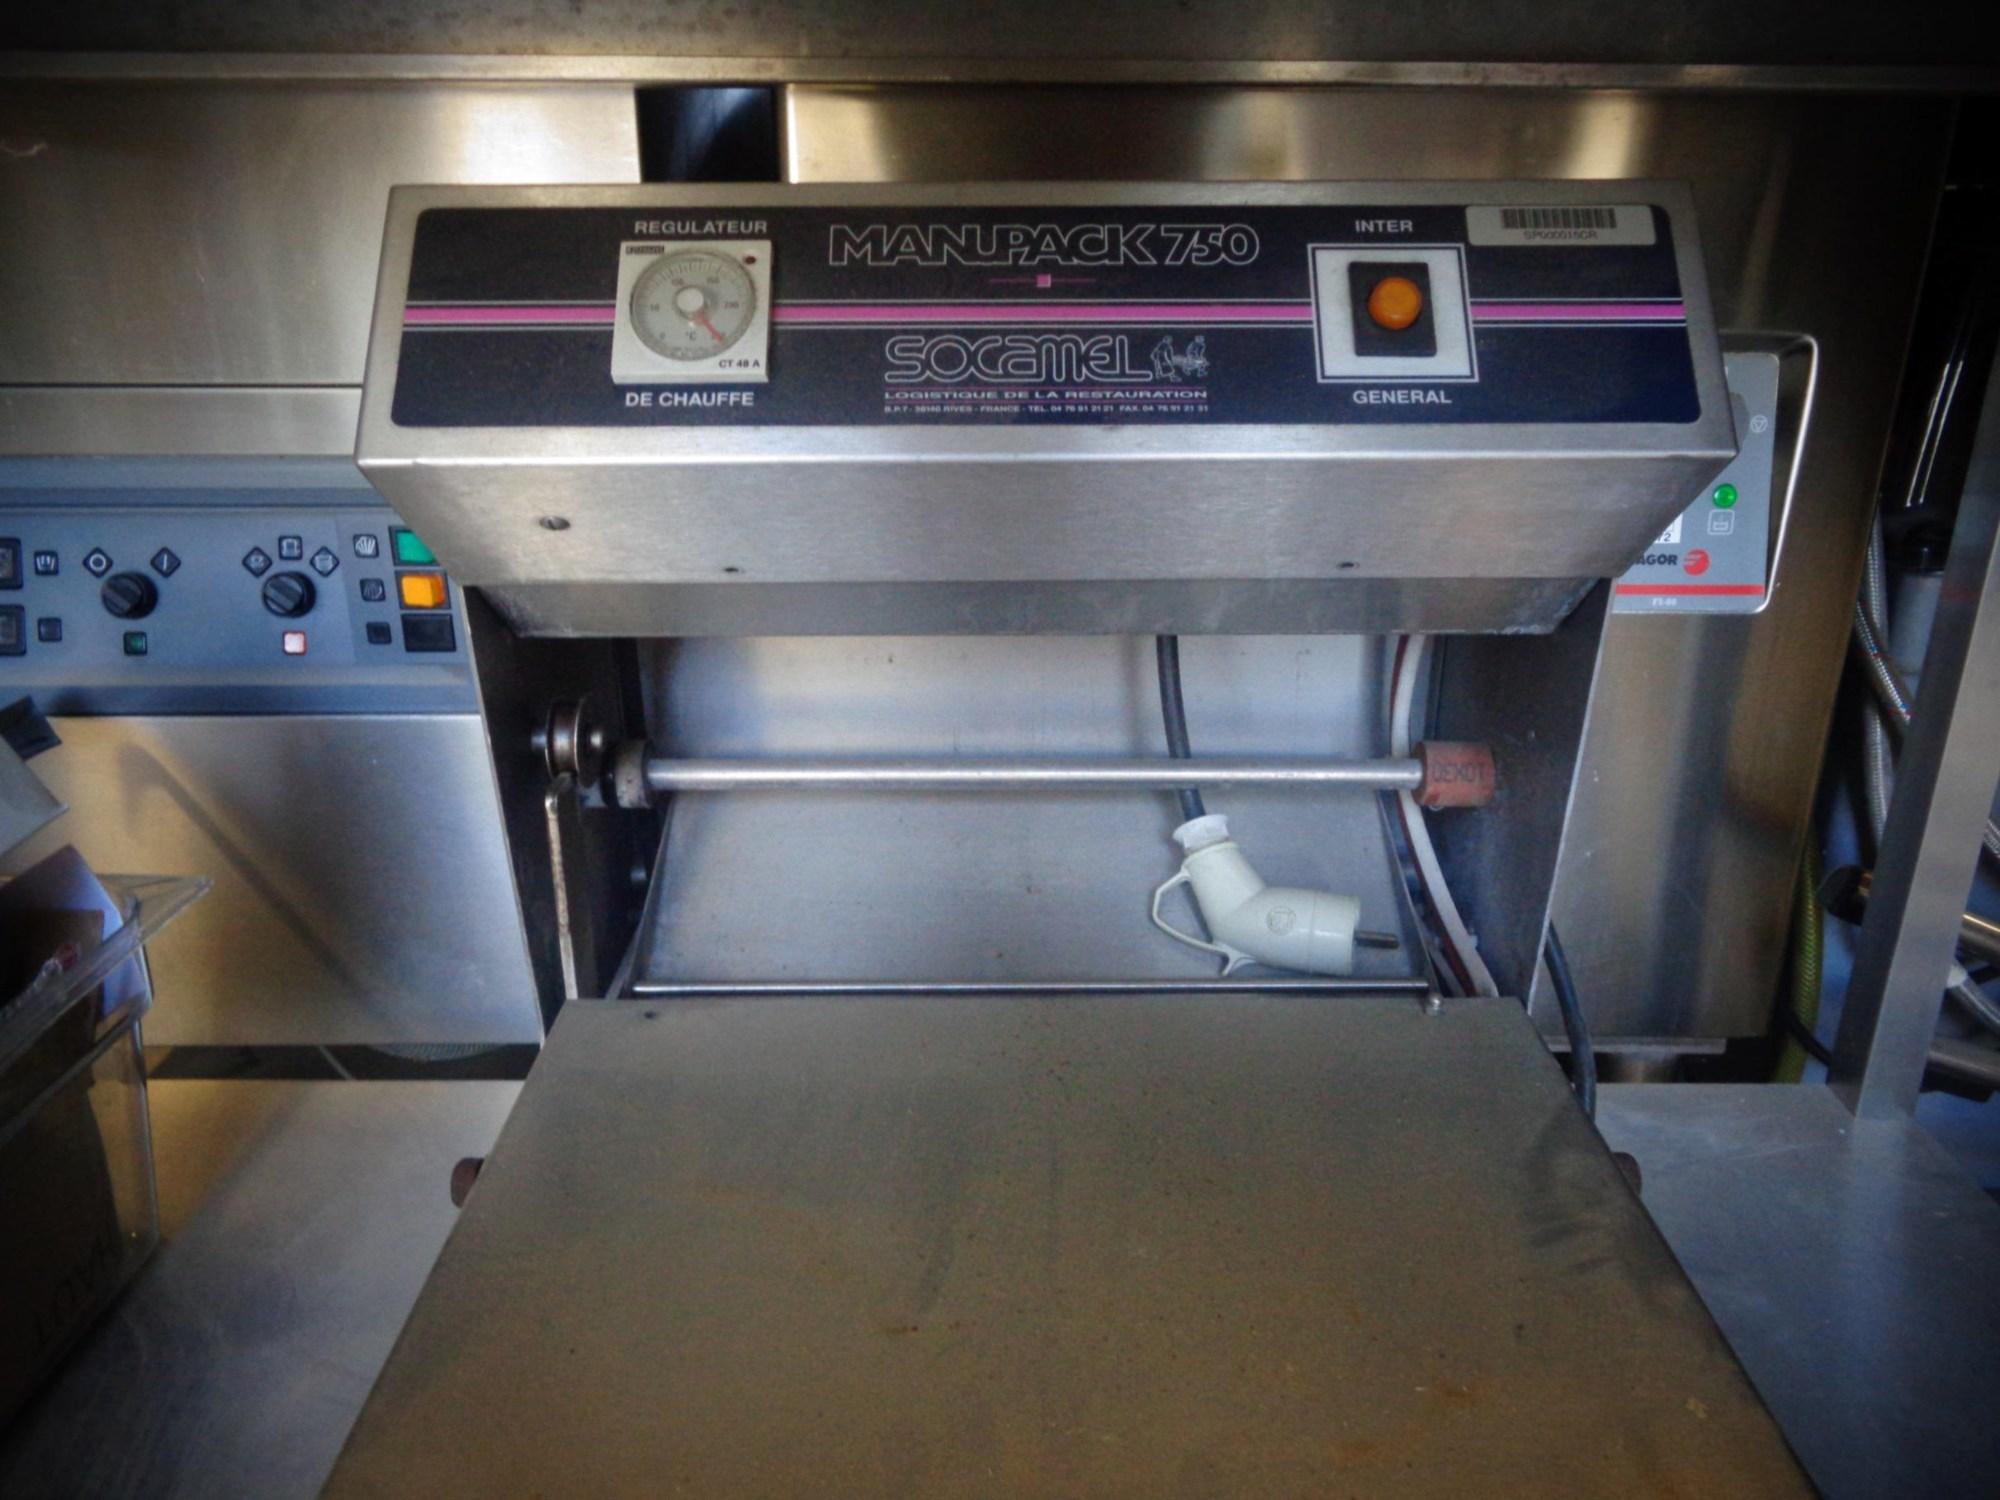 Thermoscelleuse manuelle equipement de cuisine d for Equipement de cuisine commerciale usage